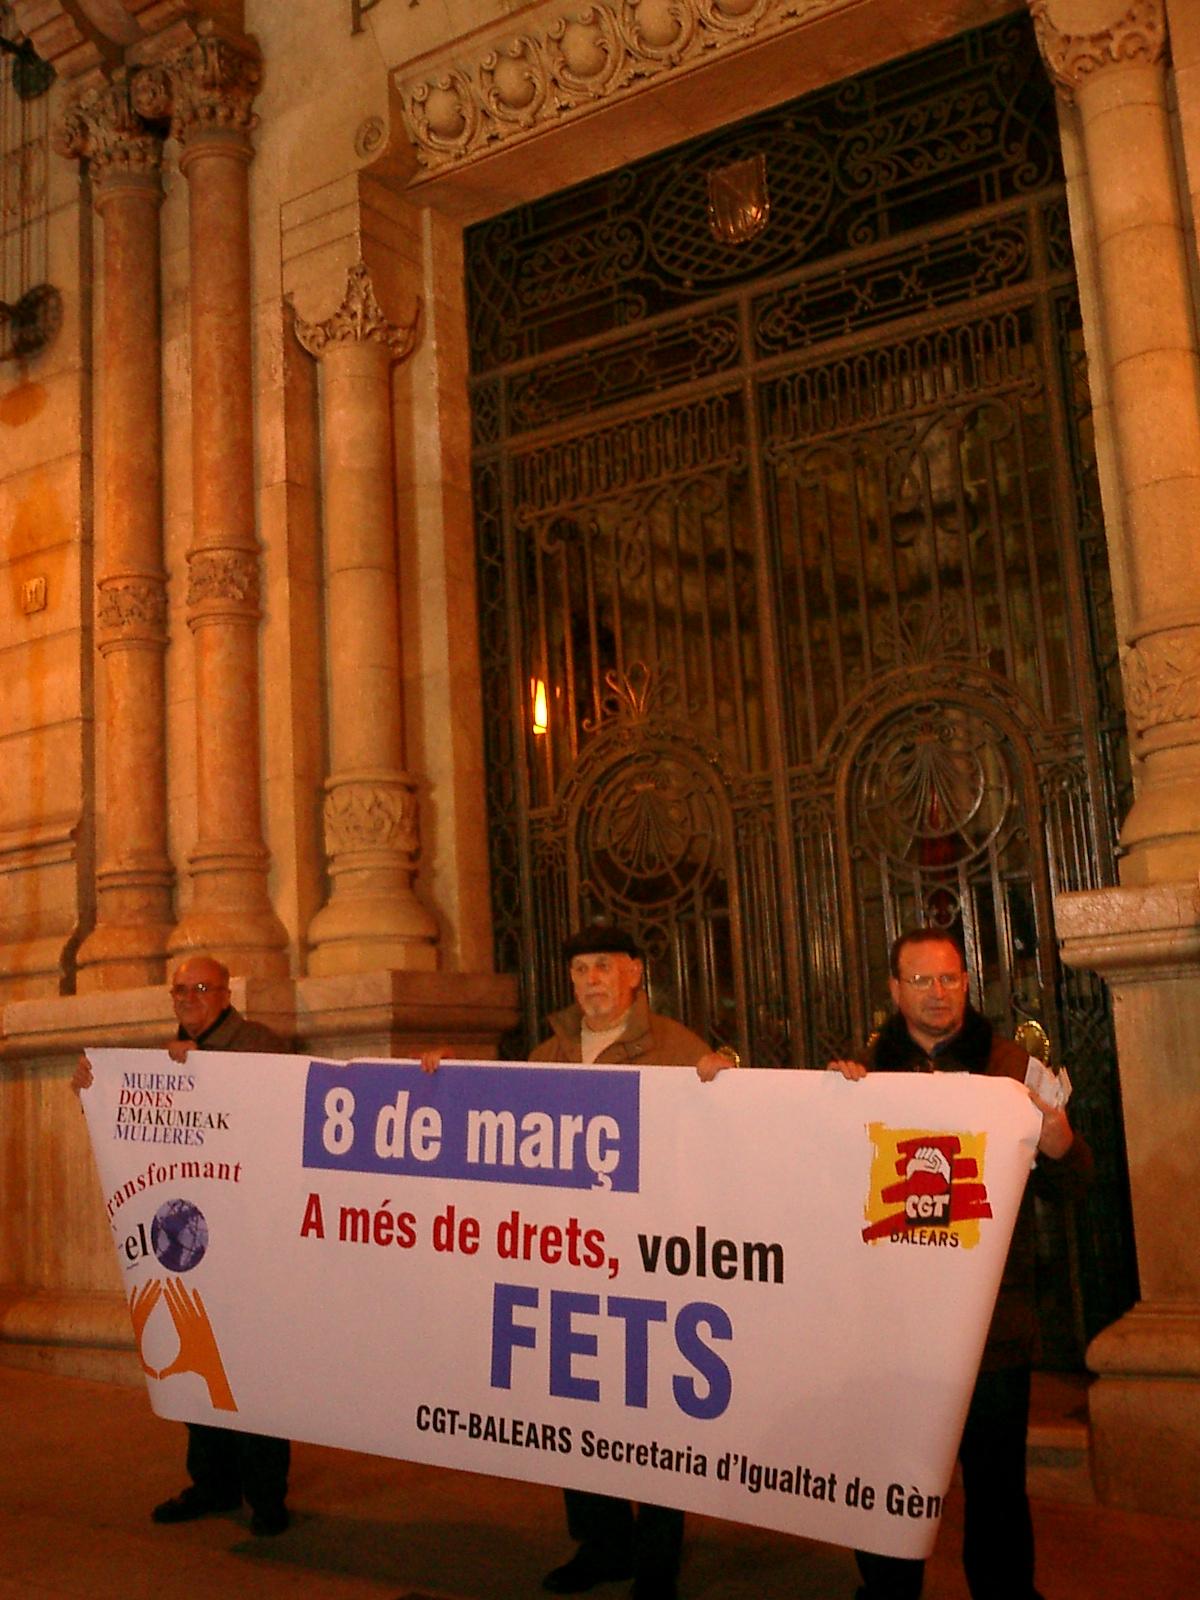 CIUTAT 2005 DIA DE LA DONA 050308 (2).JPG,  bytes